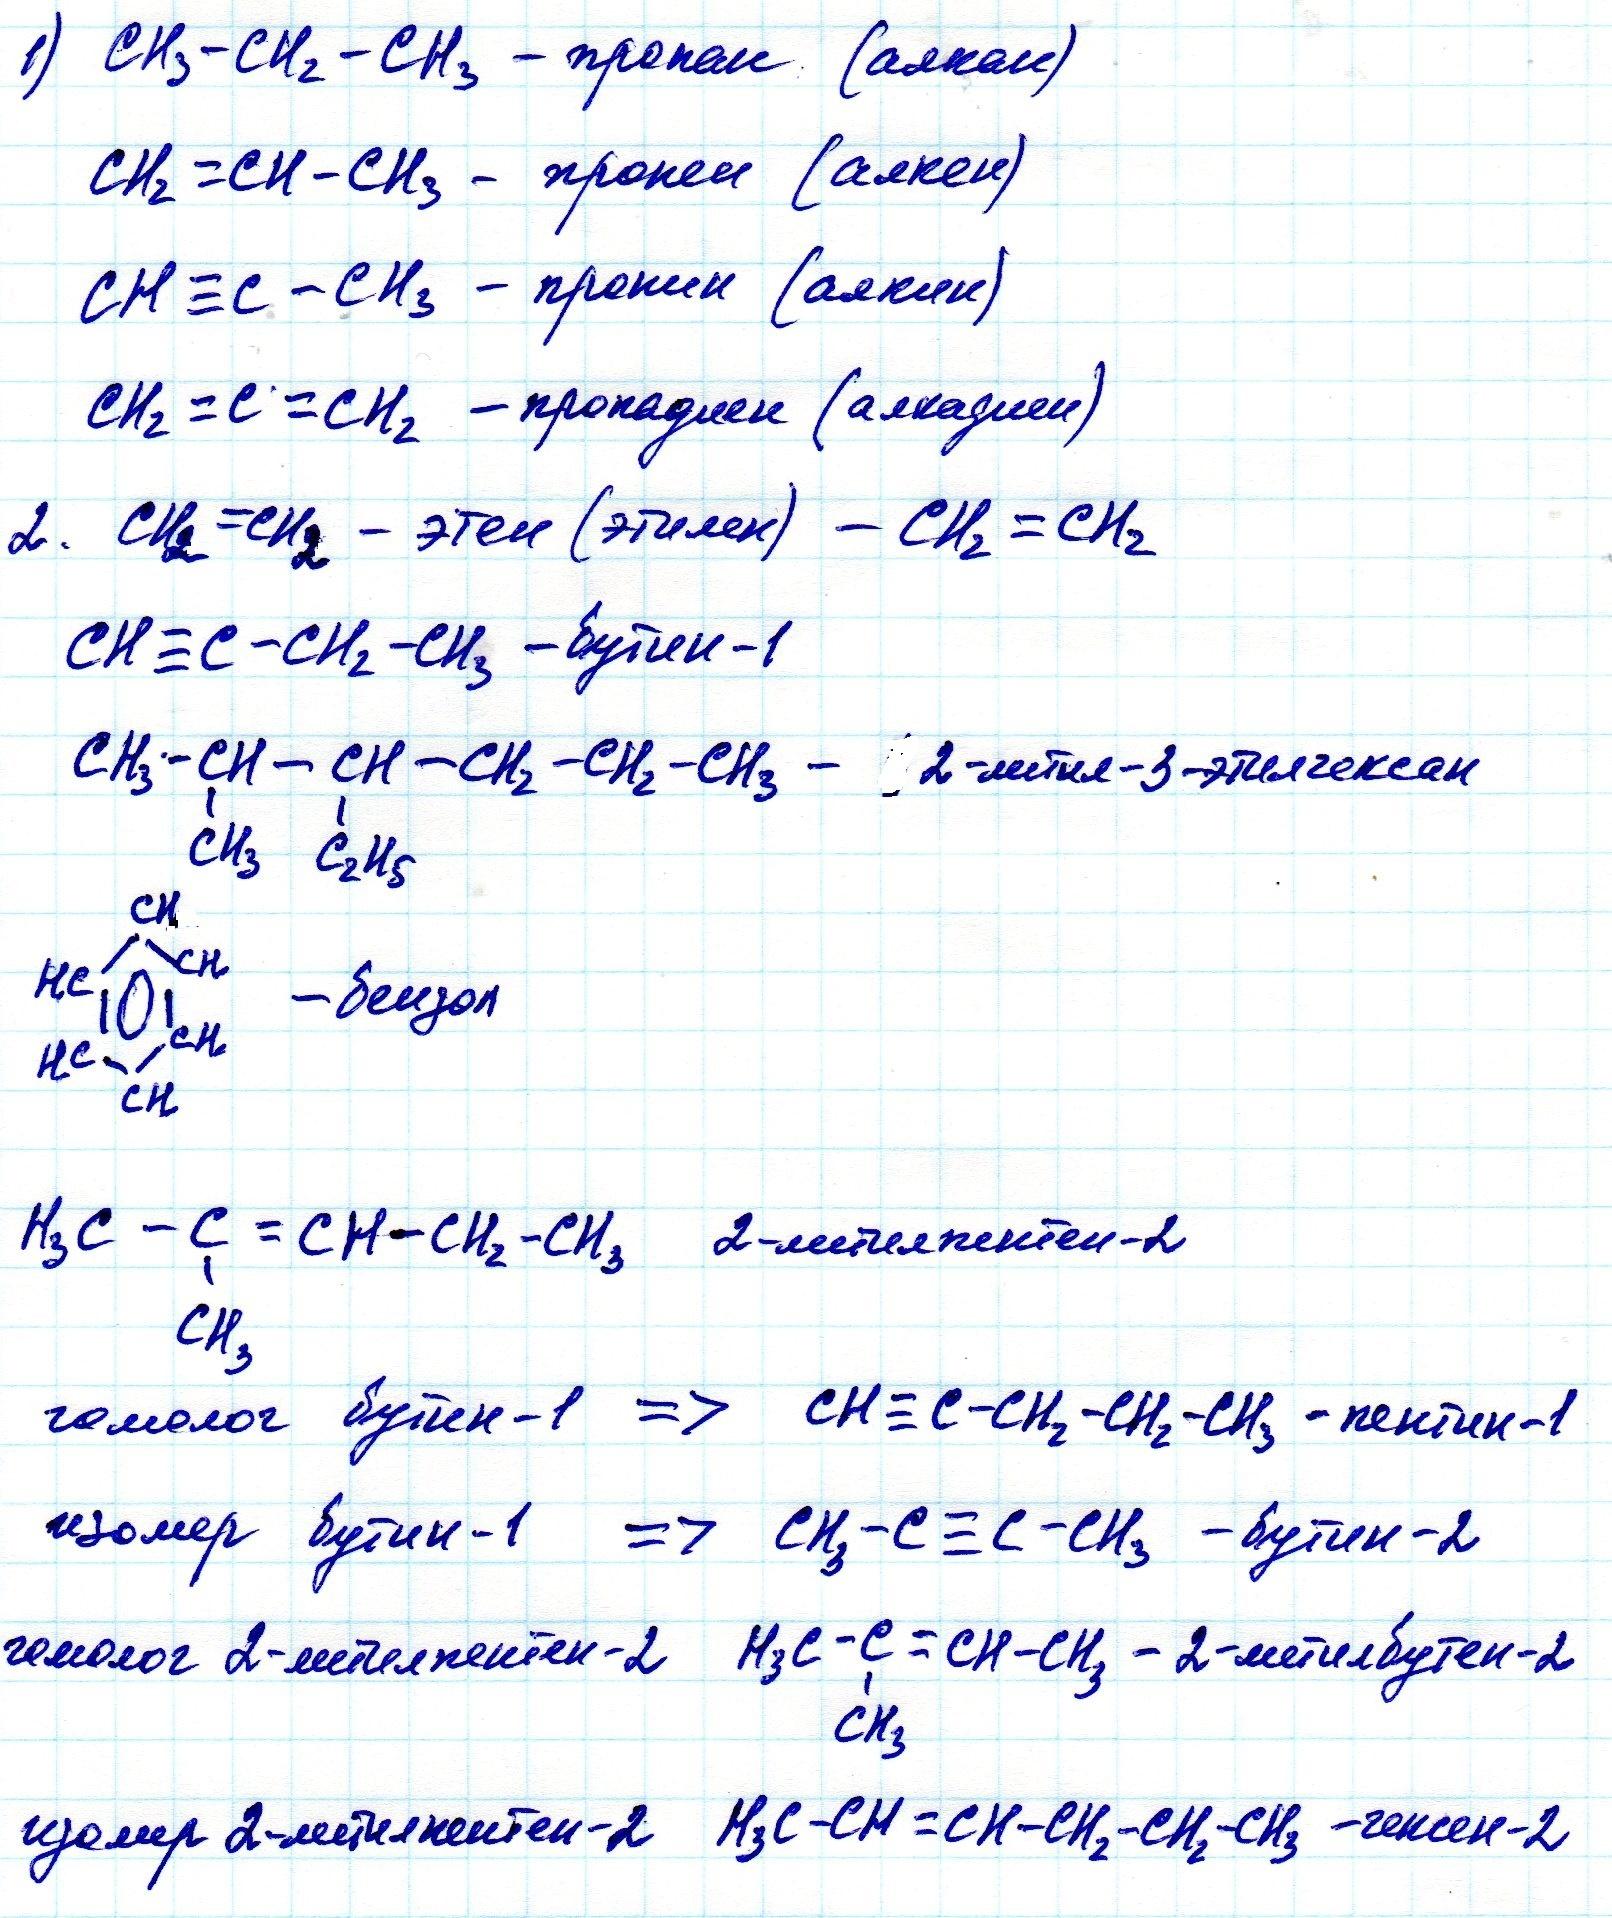 CH3-CH2-CH2-CH2-CH3 - пентан (алкан)<br>CH2=CH-CH2-CH2-CH3 -